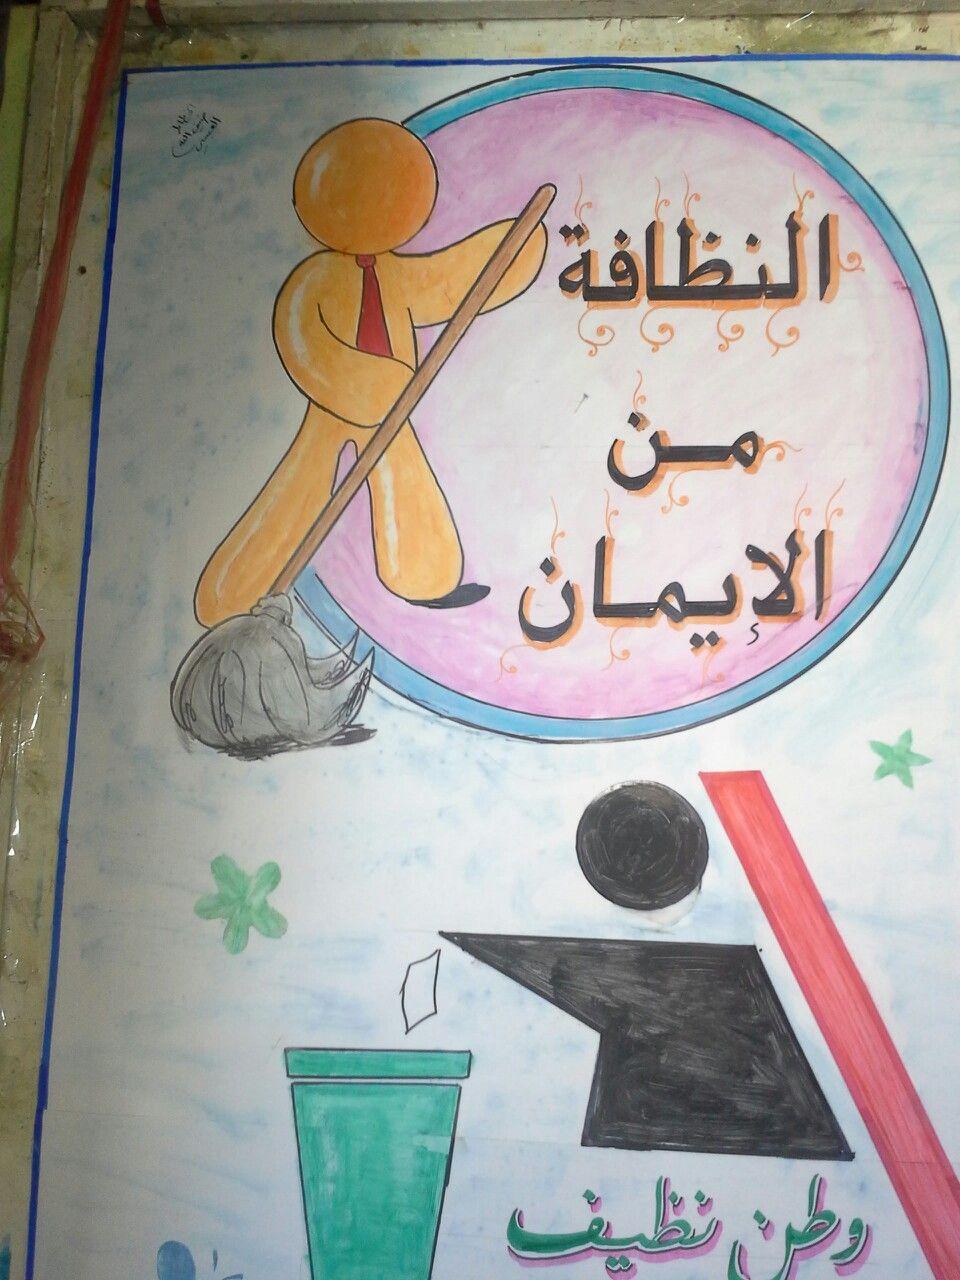 النظافة من الايمان وطن نظيف School Crafts Letter A Crafts Public School